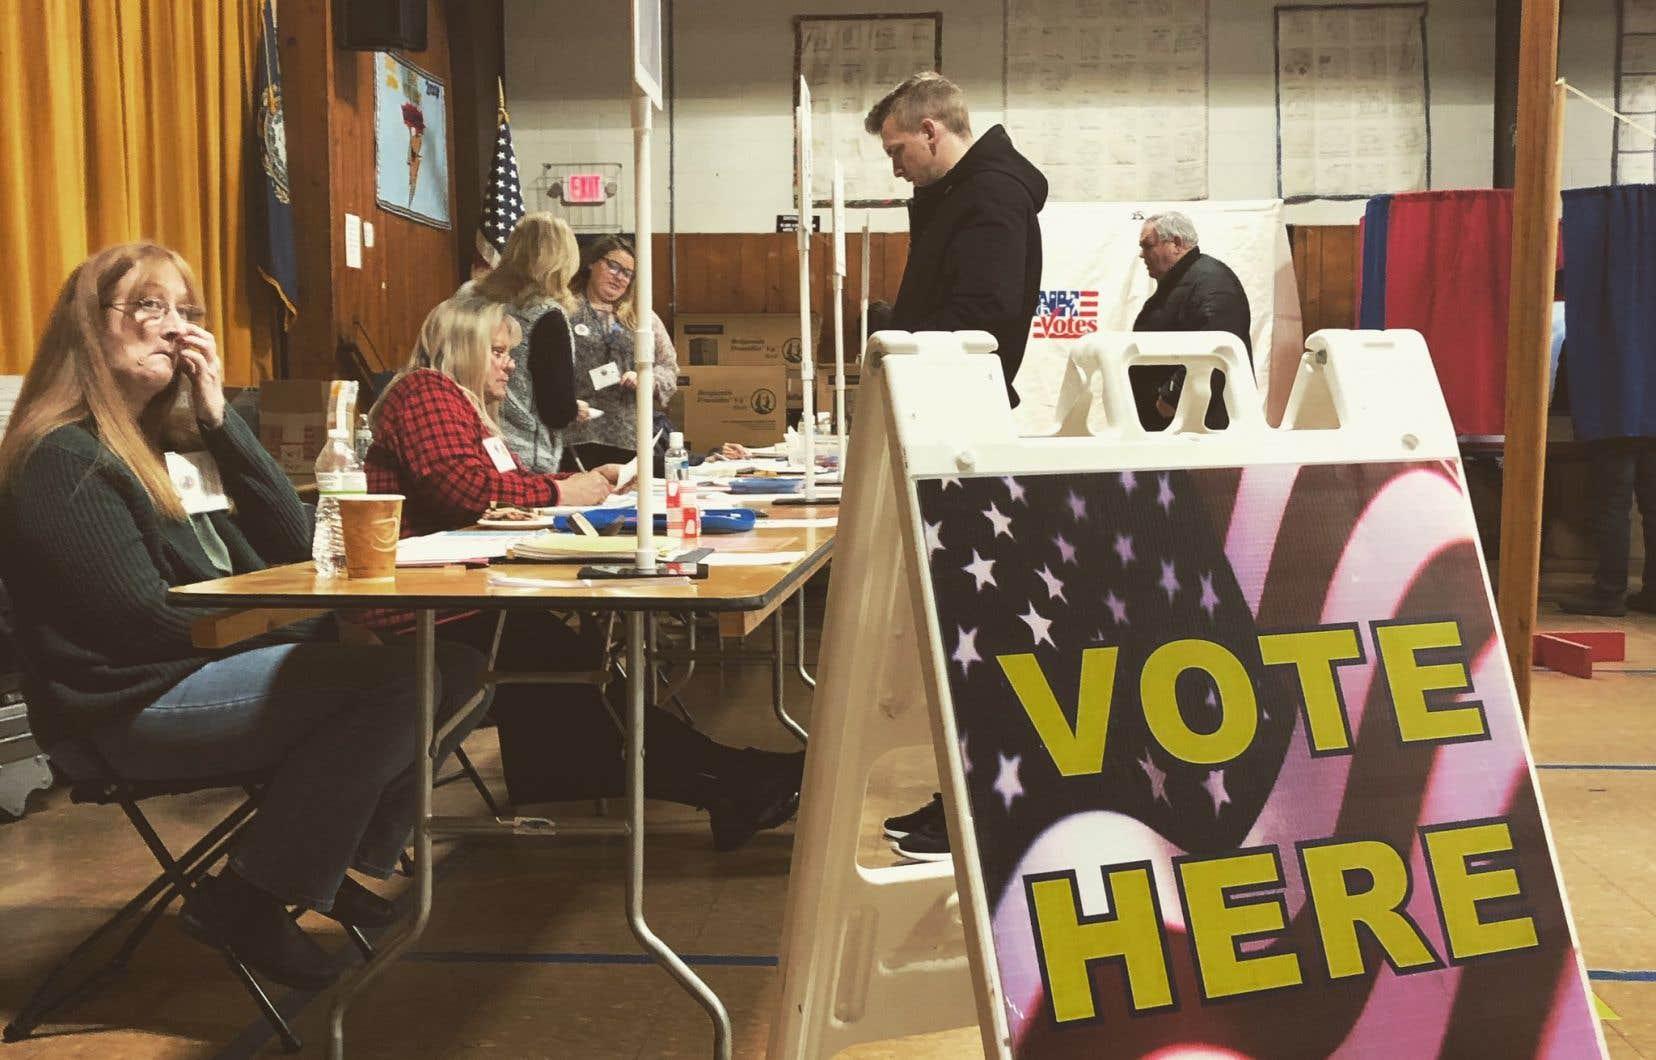 Le New Hampshire a commencé à voter mardi matin, comme ici dans un bureau de vote de Portsmouth au sud de l'État.